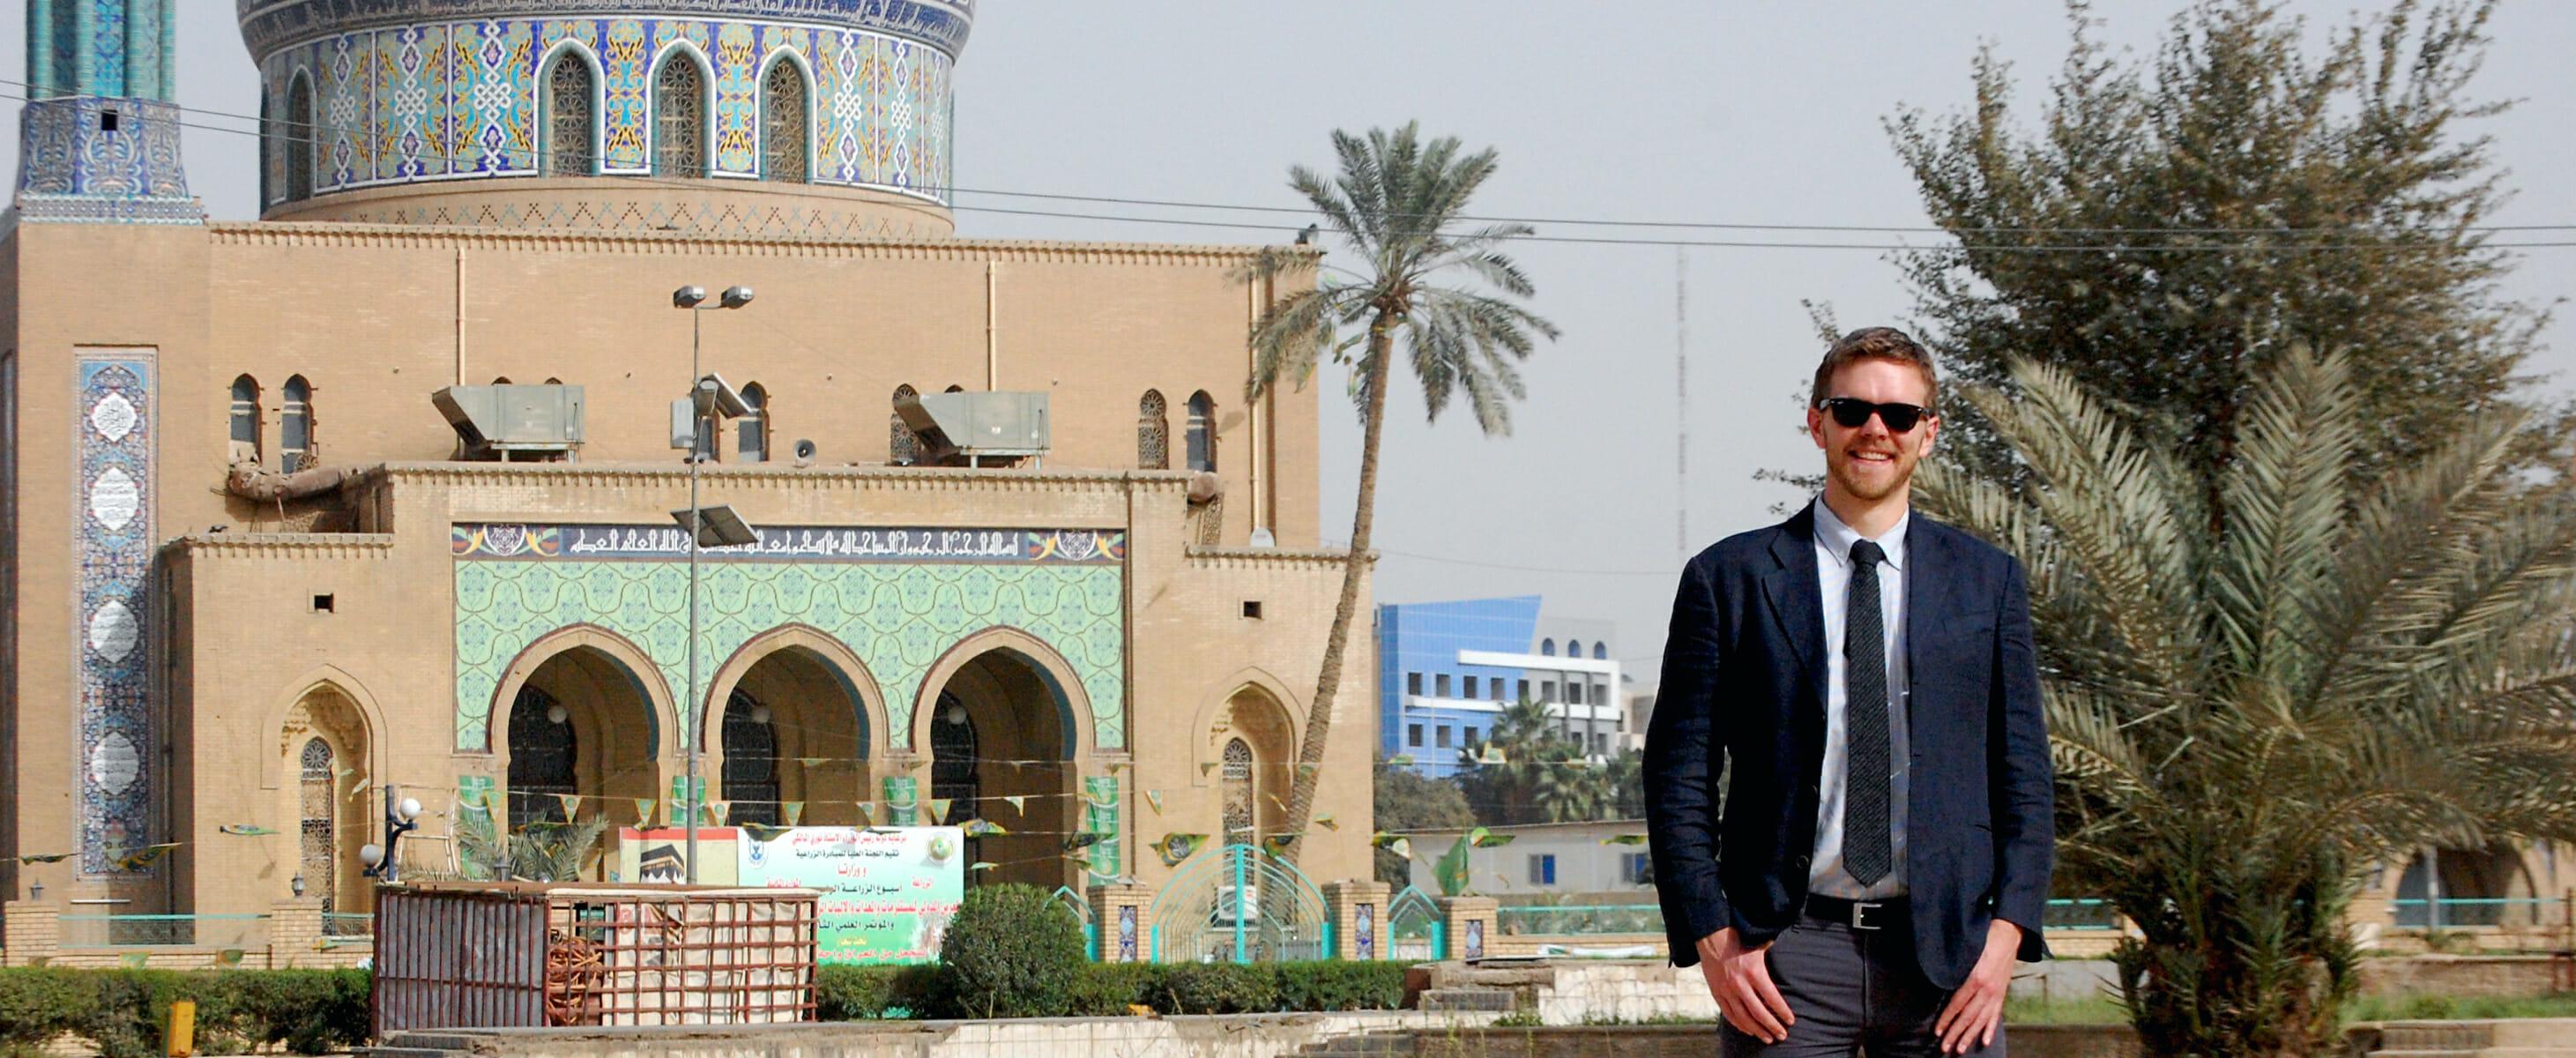 Ben Van Heuvelen in Baghdad, standing next to a mosque.